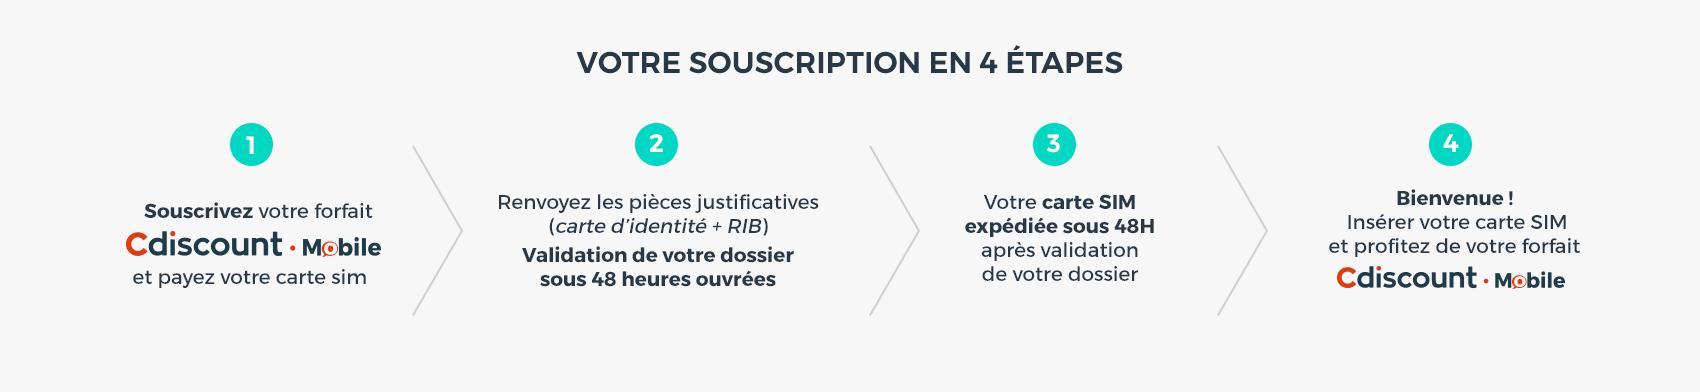 Carte Cdiscount Mobile.Forfait 2 Euros L Offre Mobile Sans Engagement A Seulement